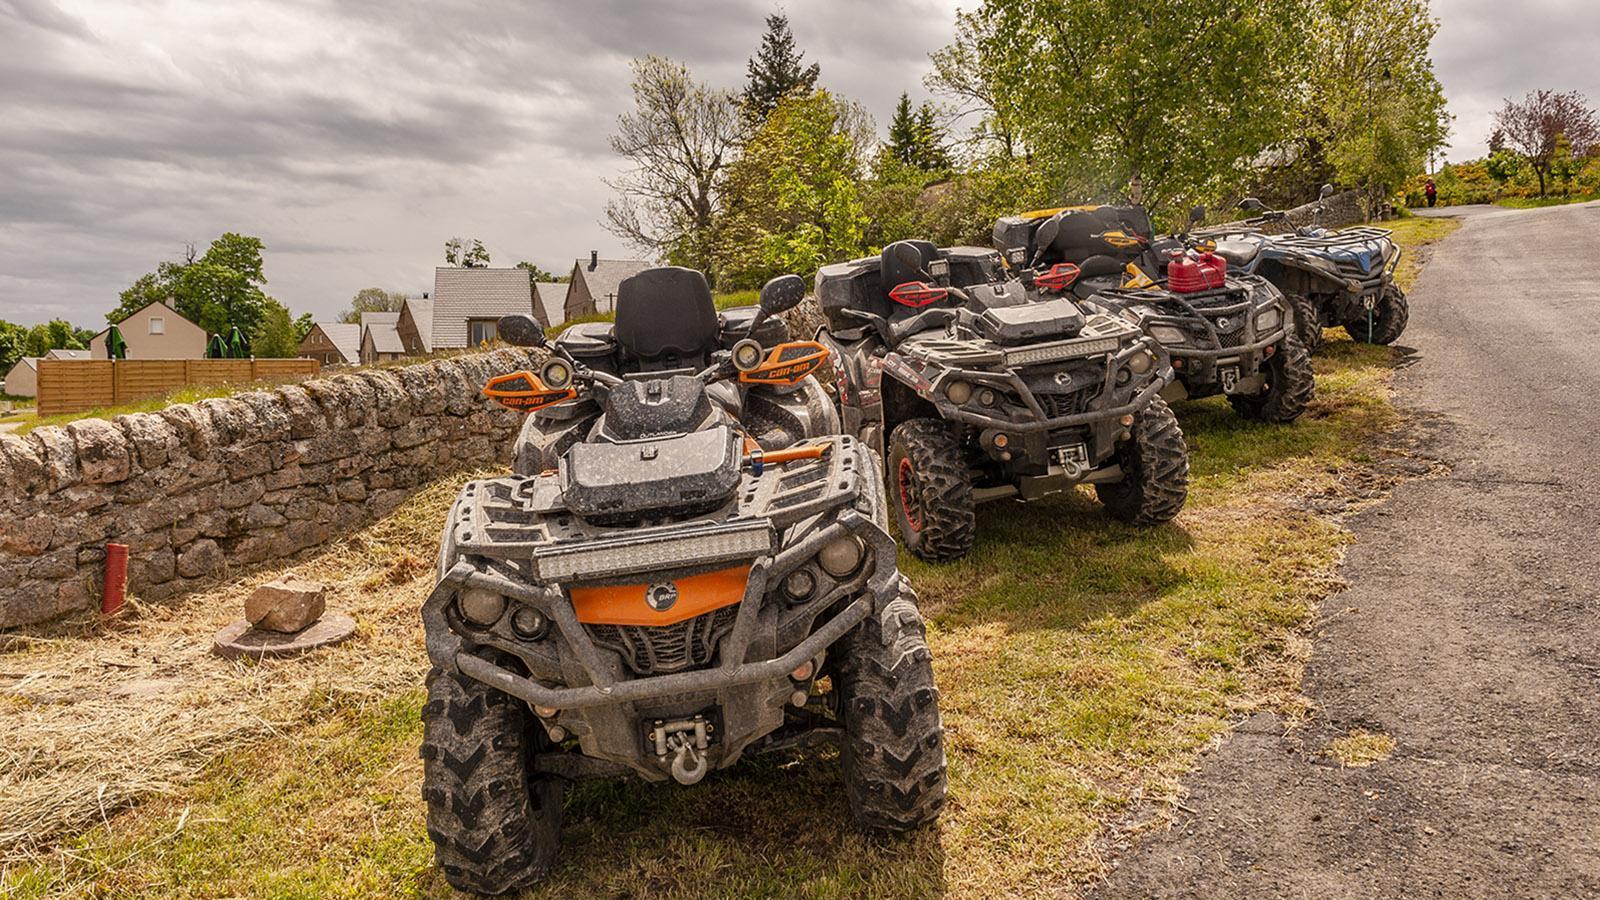 Aumont-Aubrac: Quad-Touren ins Umland sind sehr beliebt! Foto: Hilke Maunder